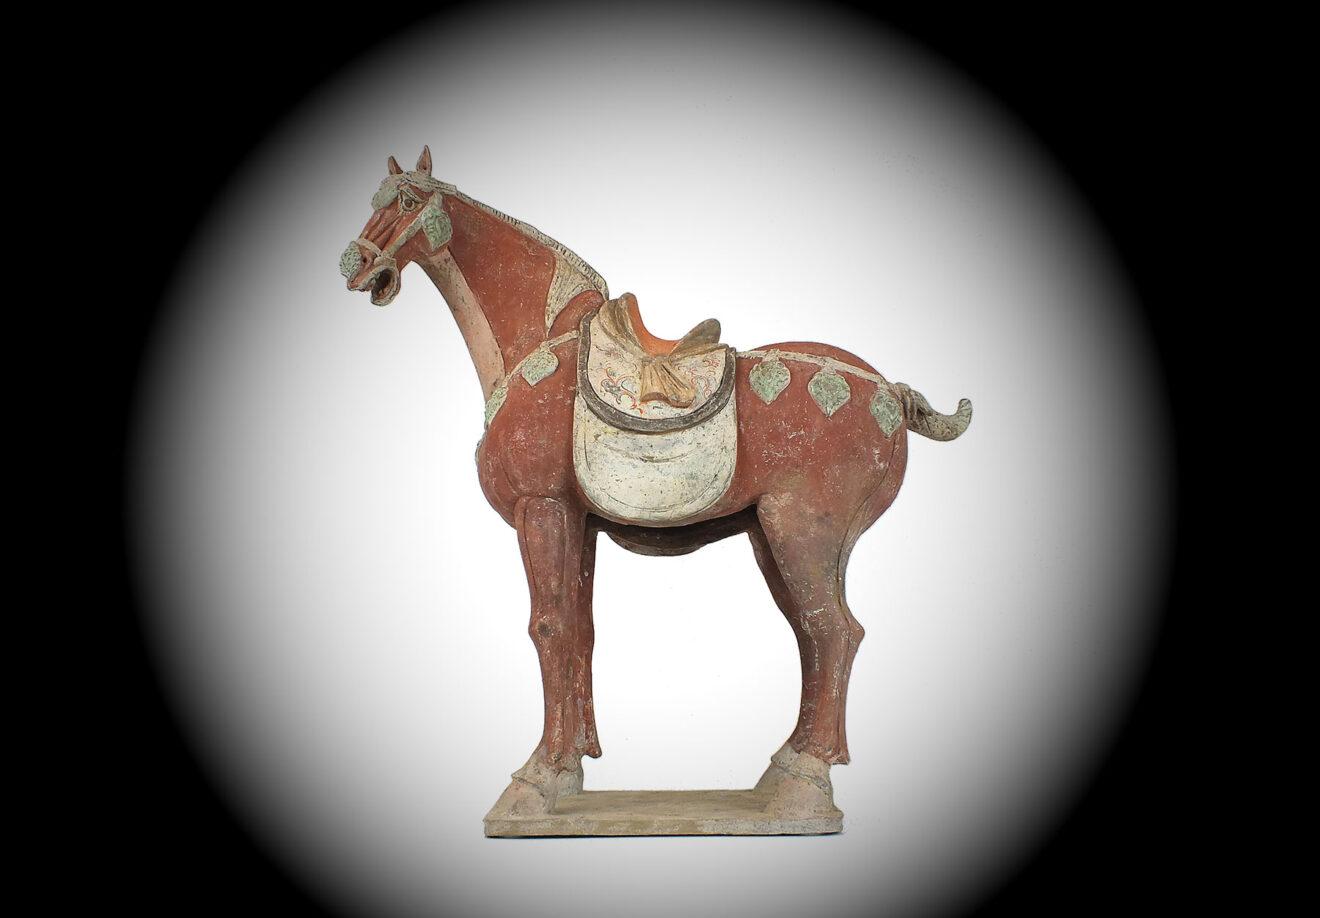 Special Large Caparisoned Horse (1)